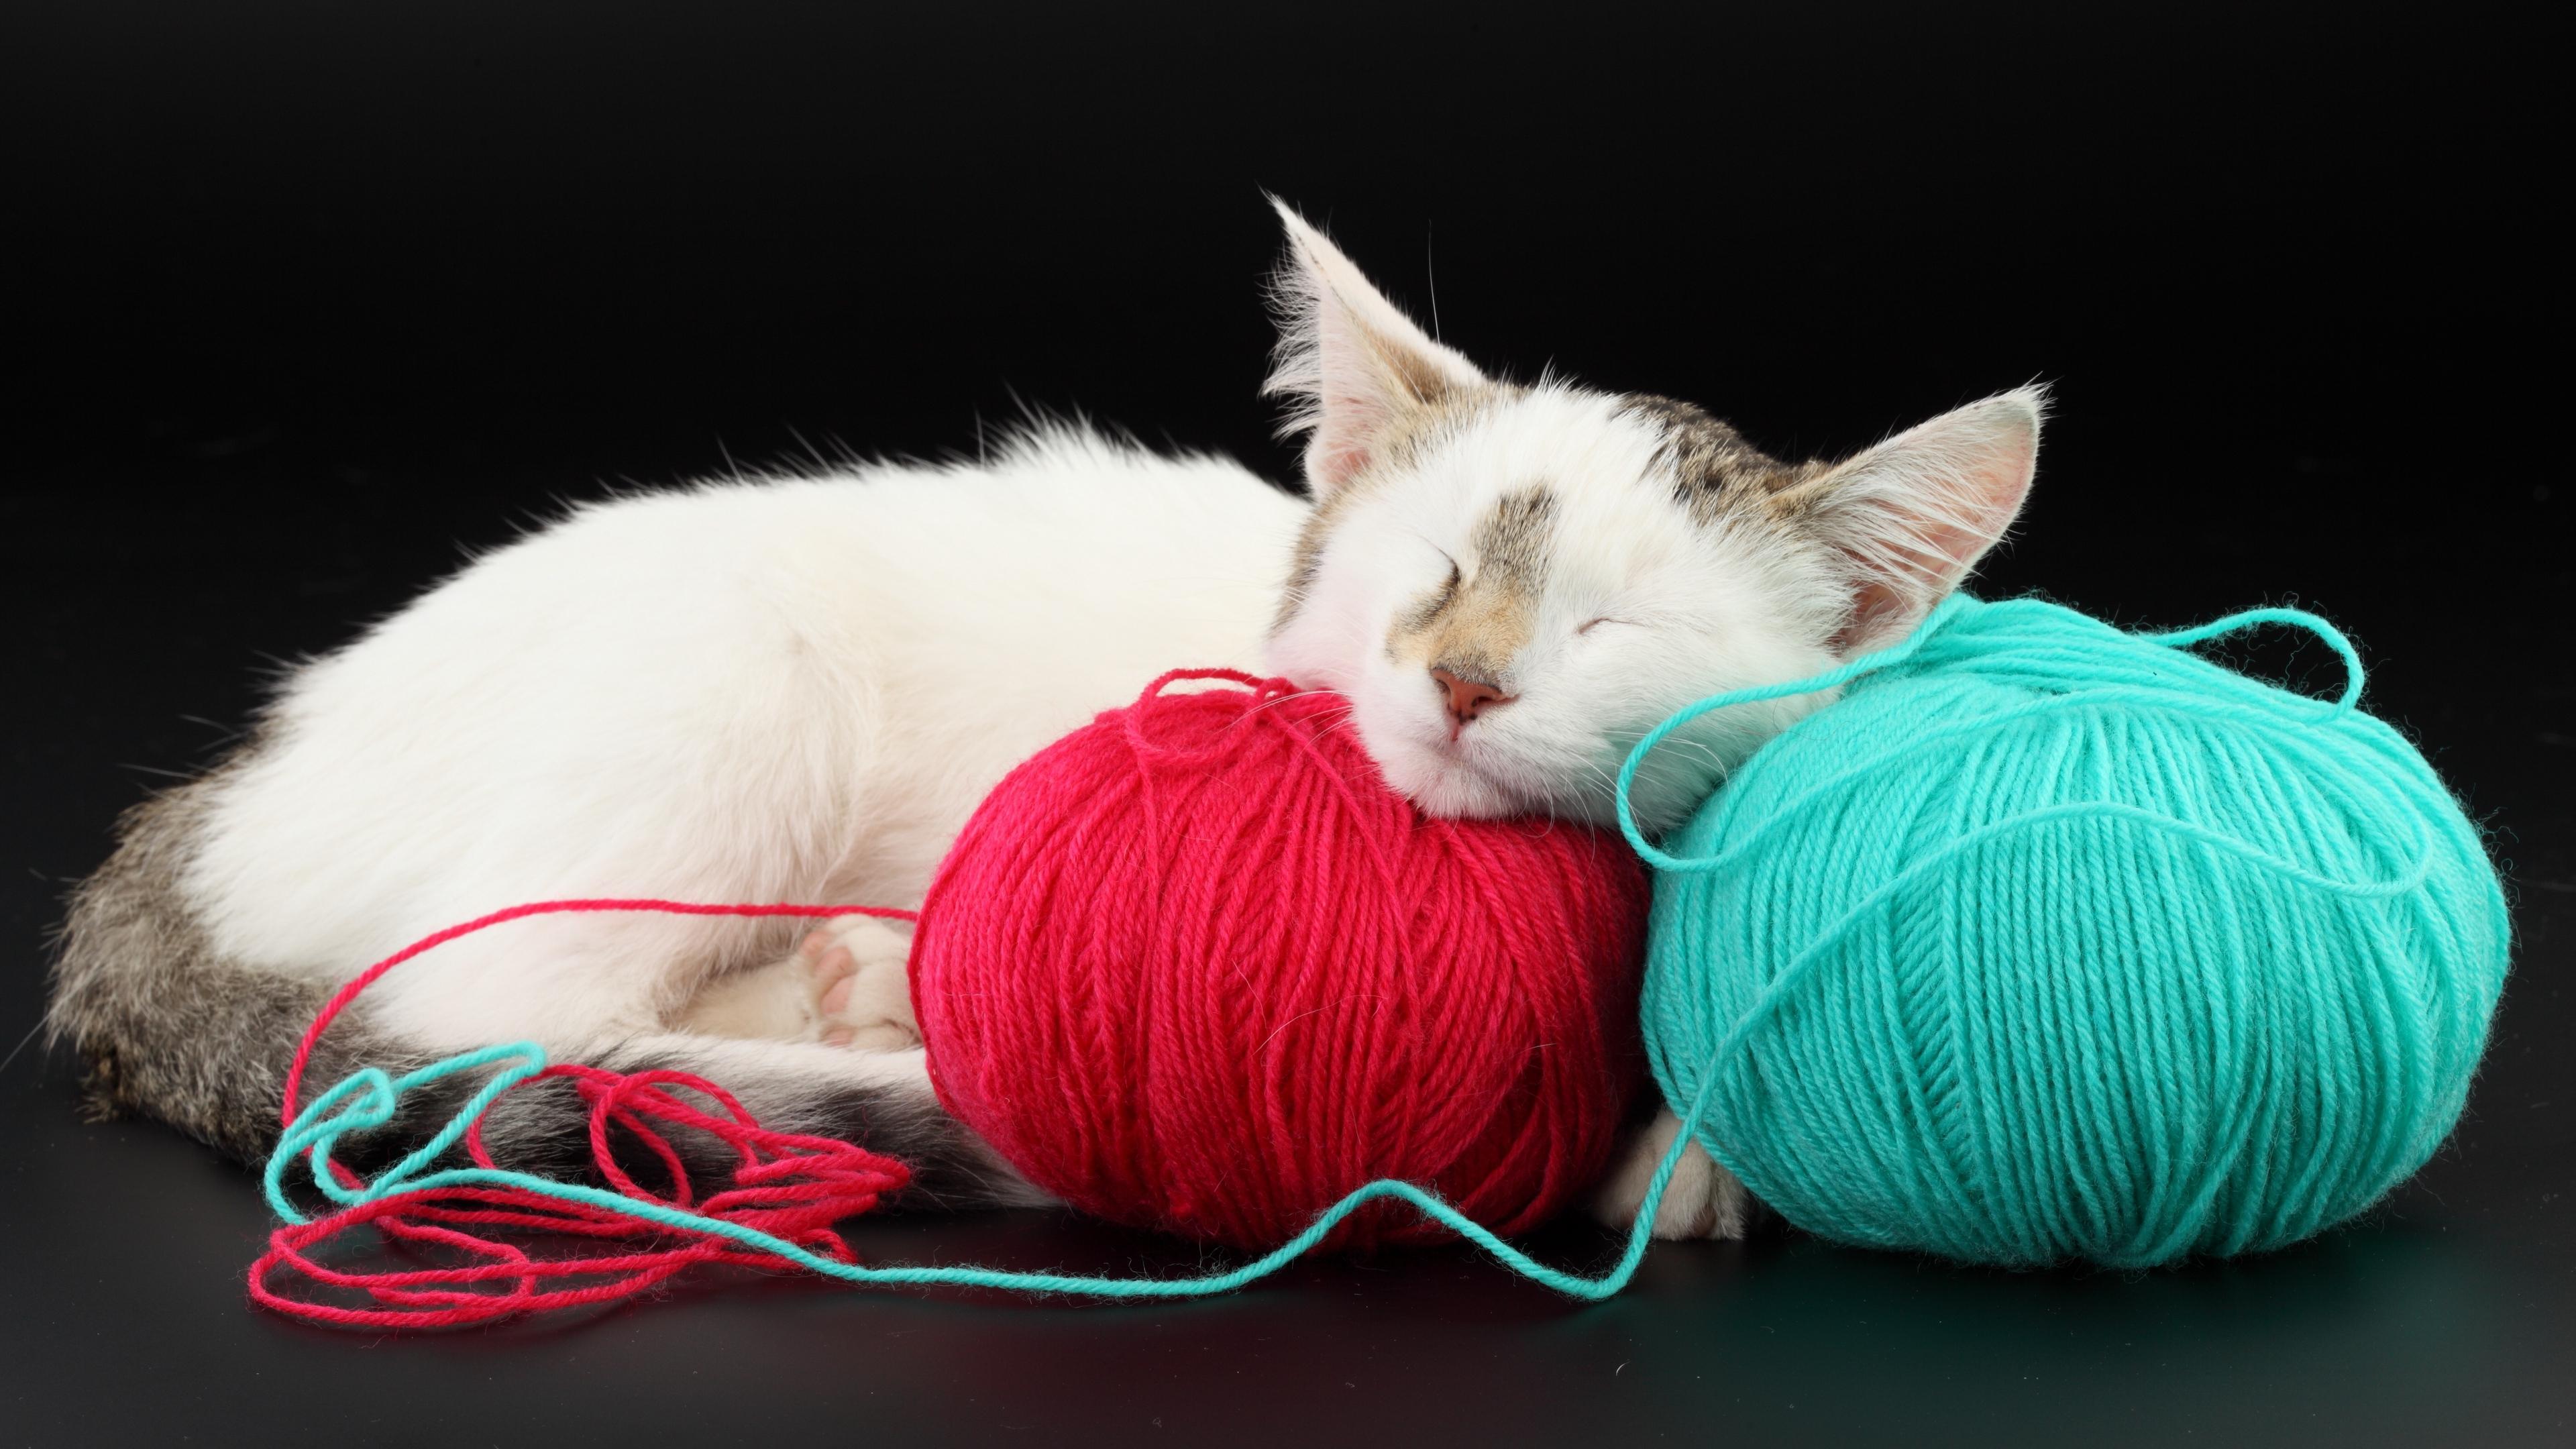 cat ball thread sleep playful 4k 1542241590 - cat, ball, thread, sleep, playful 4k - thread, Cat, Ball